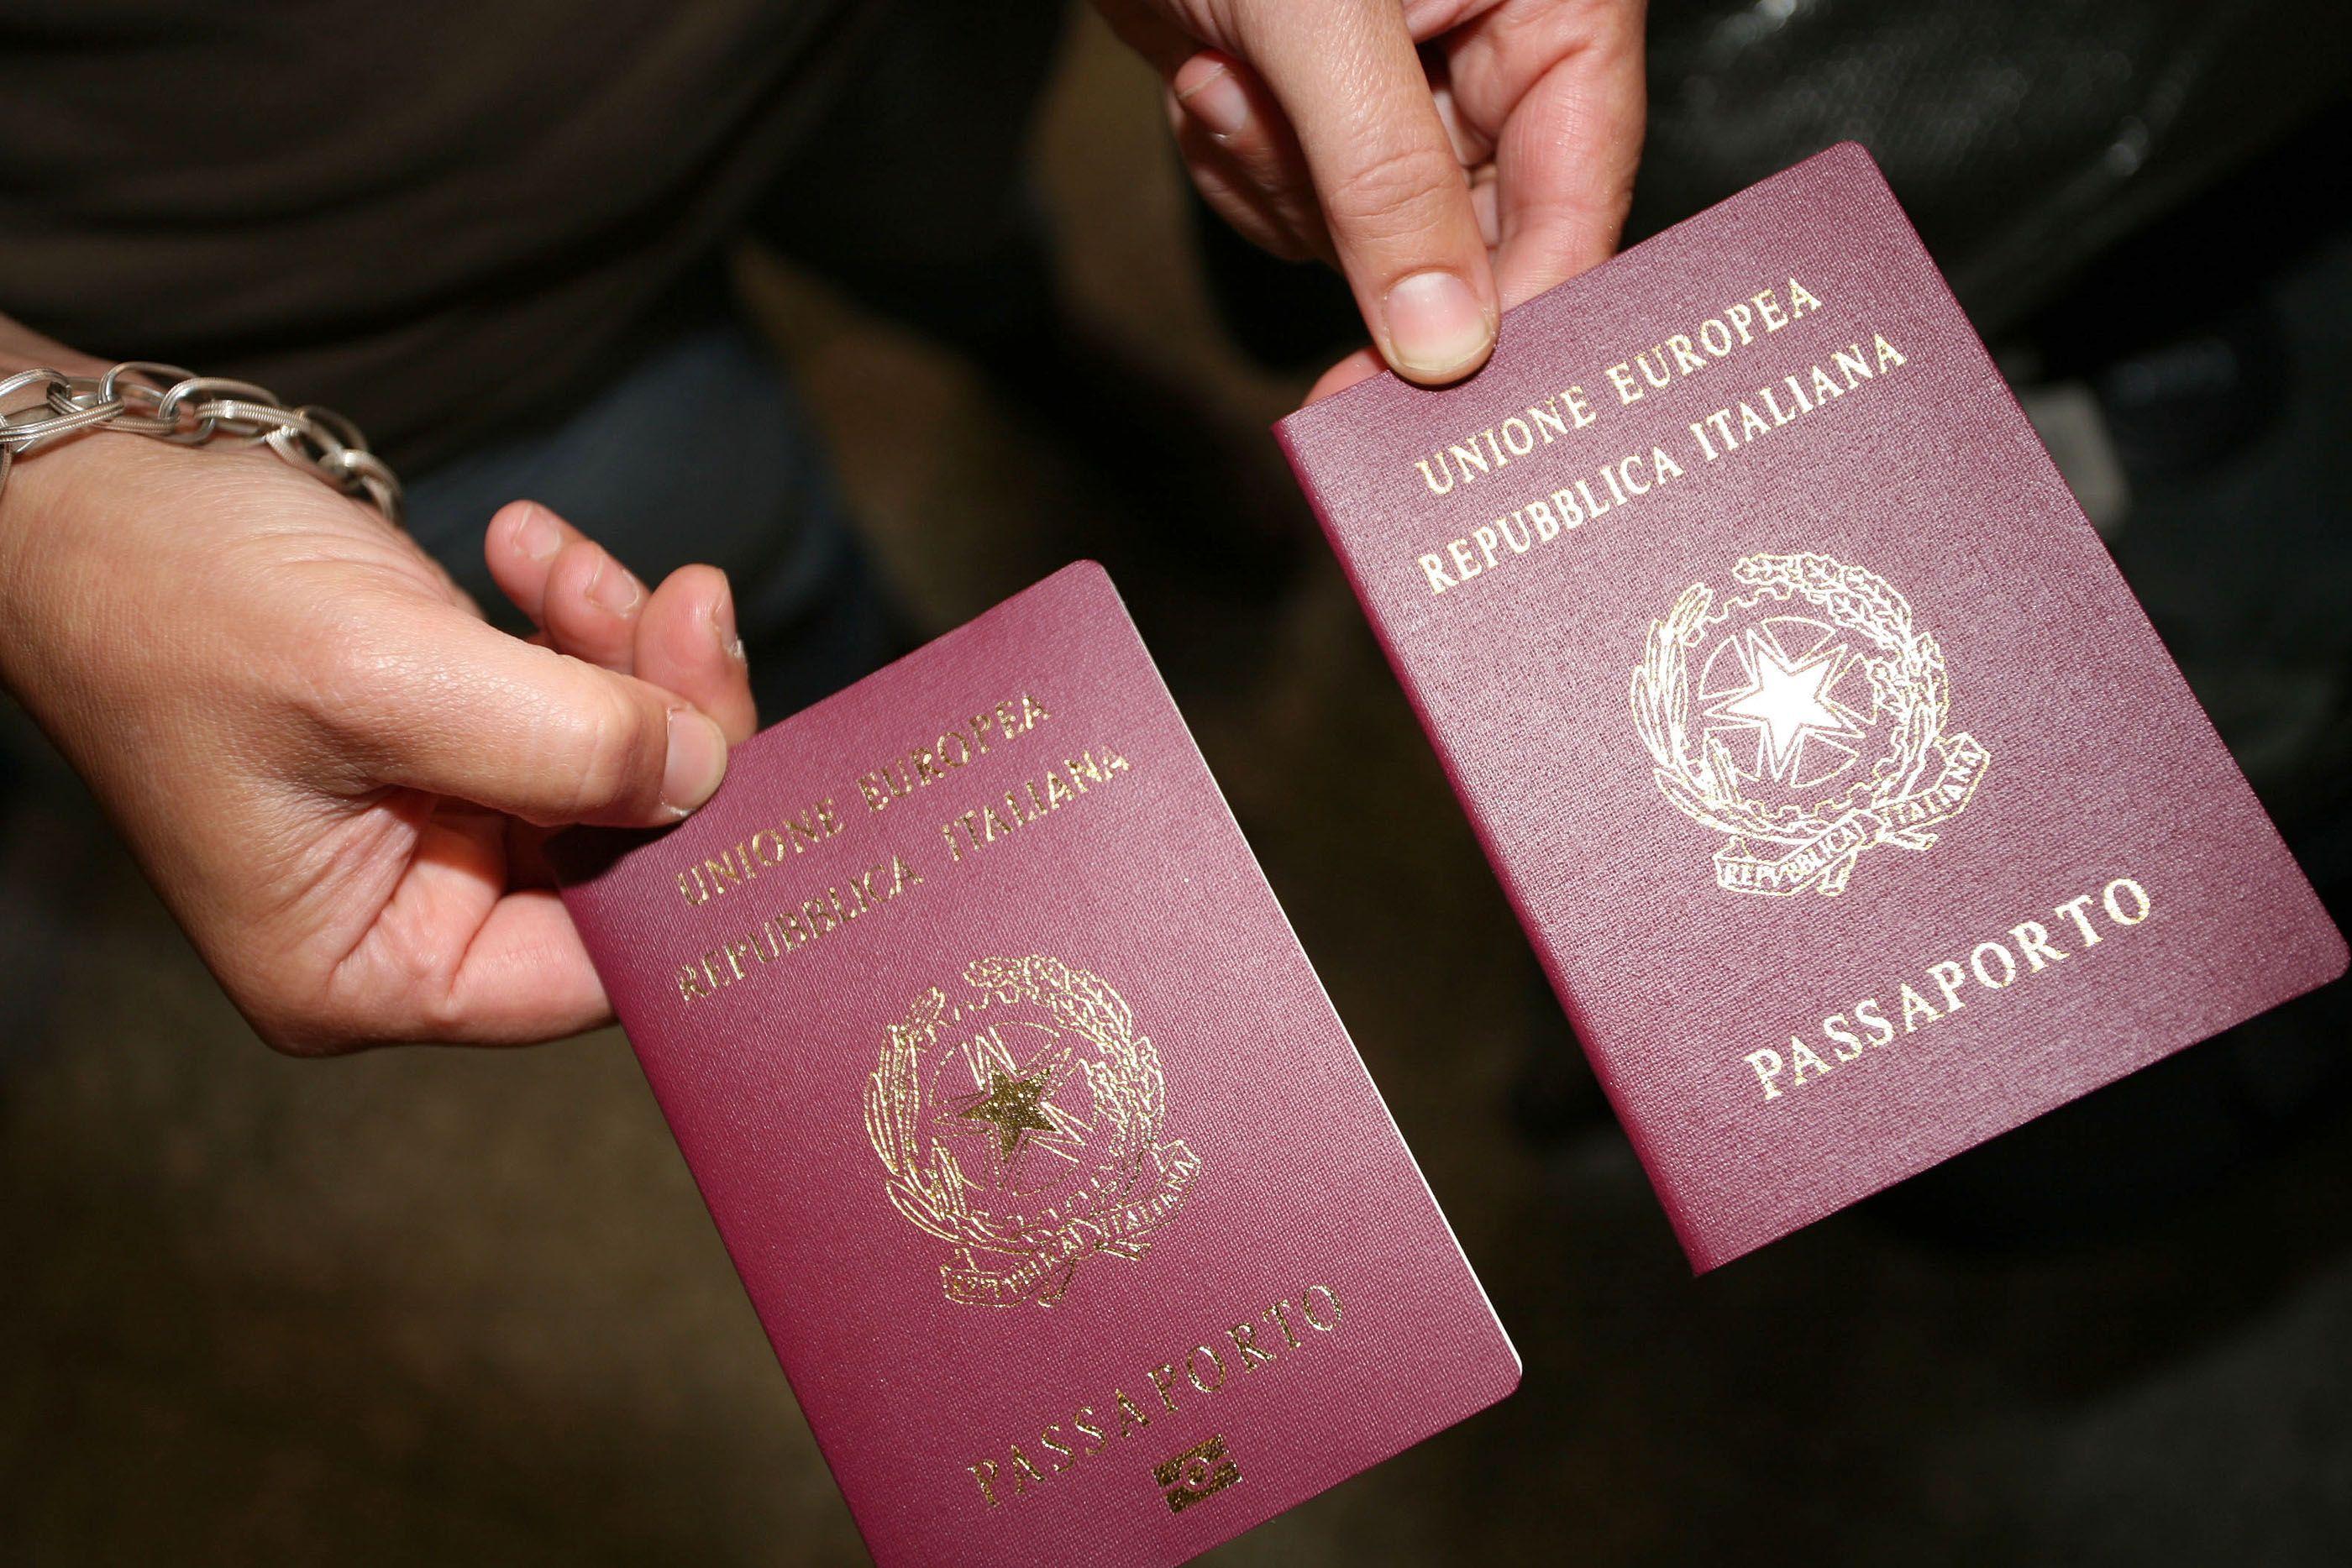 Passaporto elettronico: documenti, costo e rinnovo. Ecco un vademecum utile